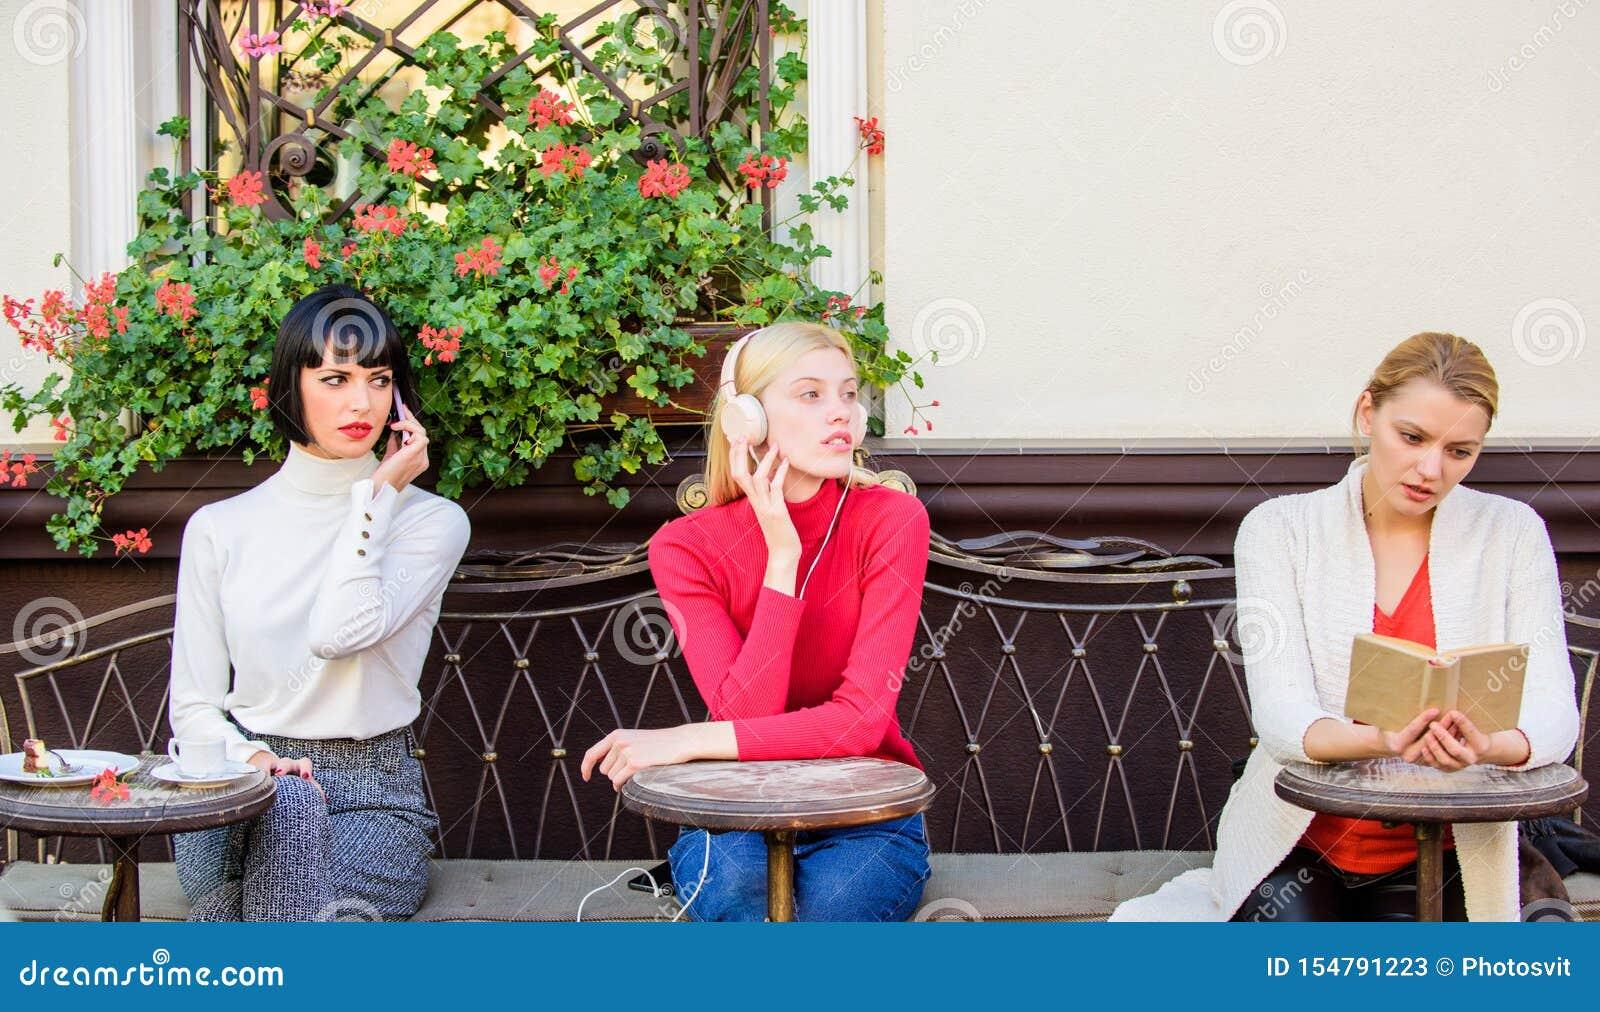 Выходные ослабляют и отдых Хобби и отдых Различные интересы Терраса кафа женщин группы милая развлечь